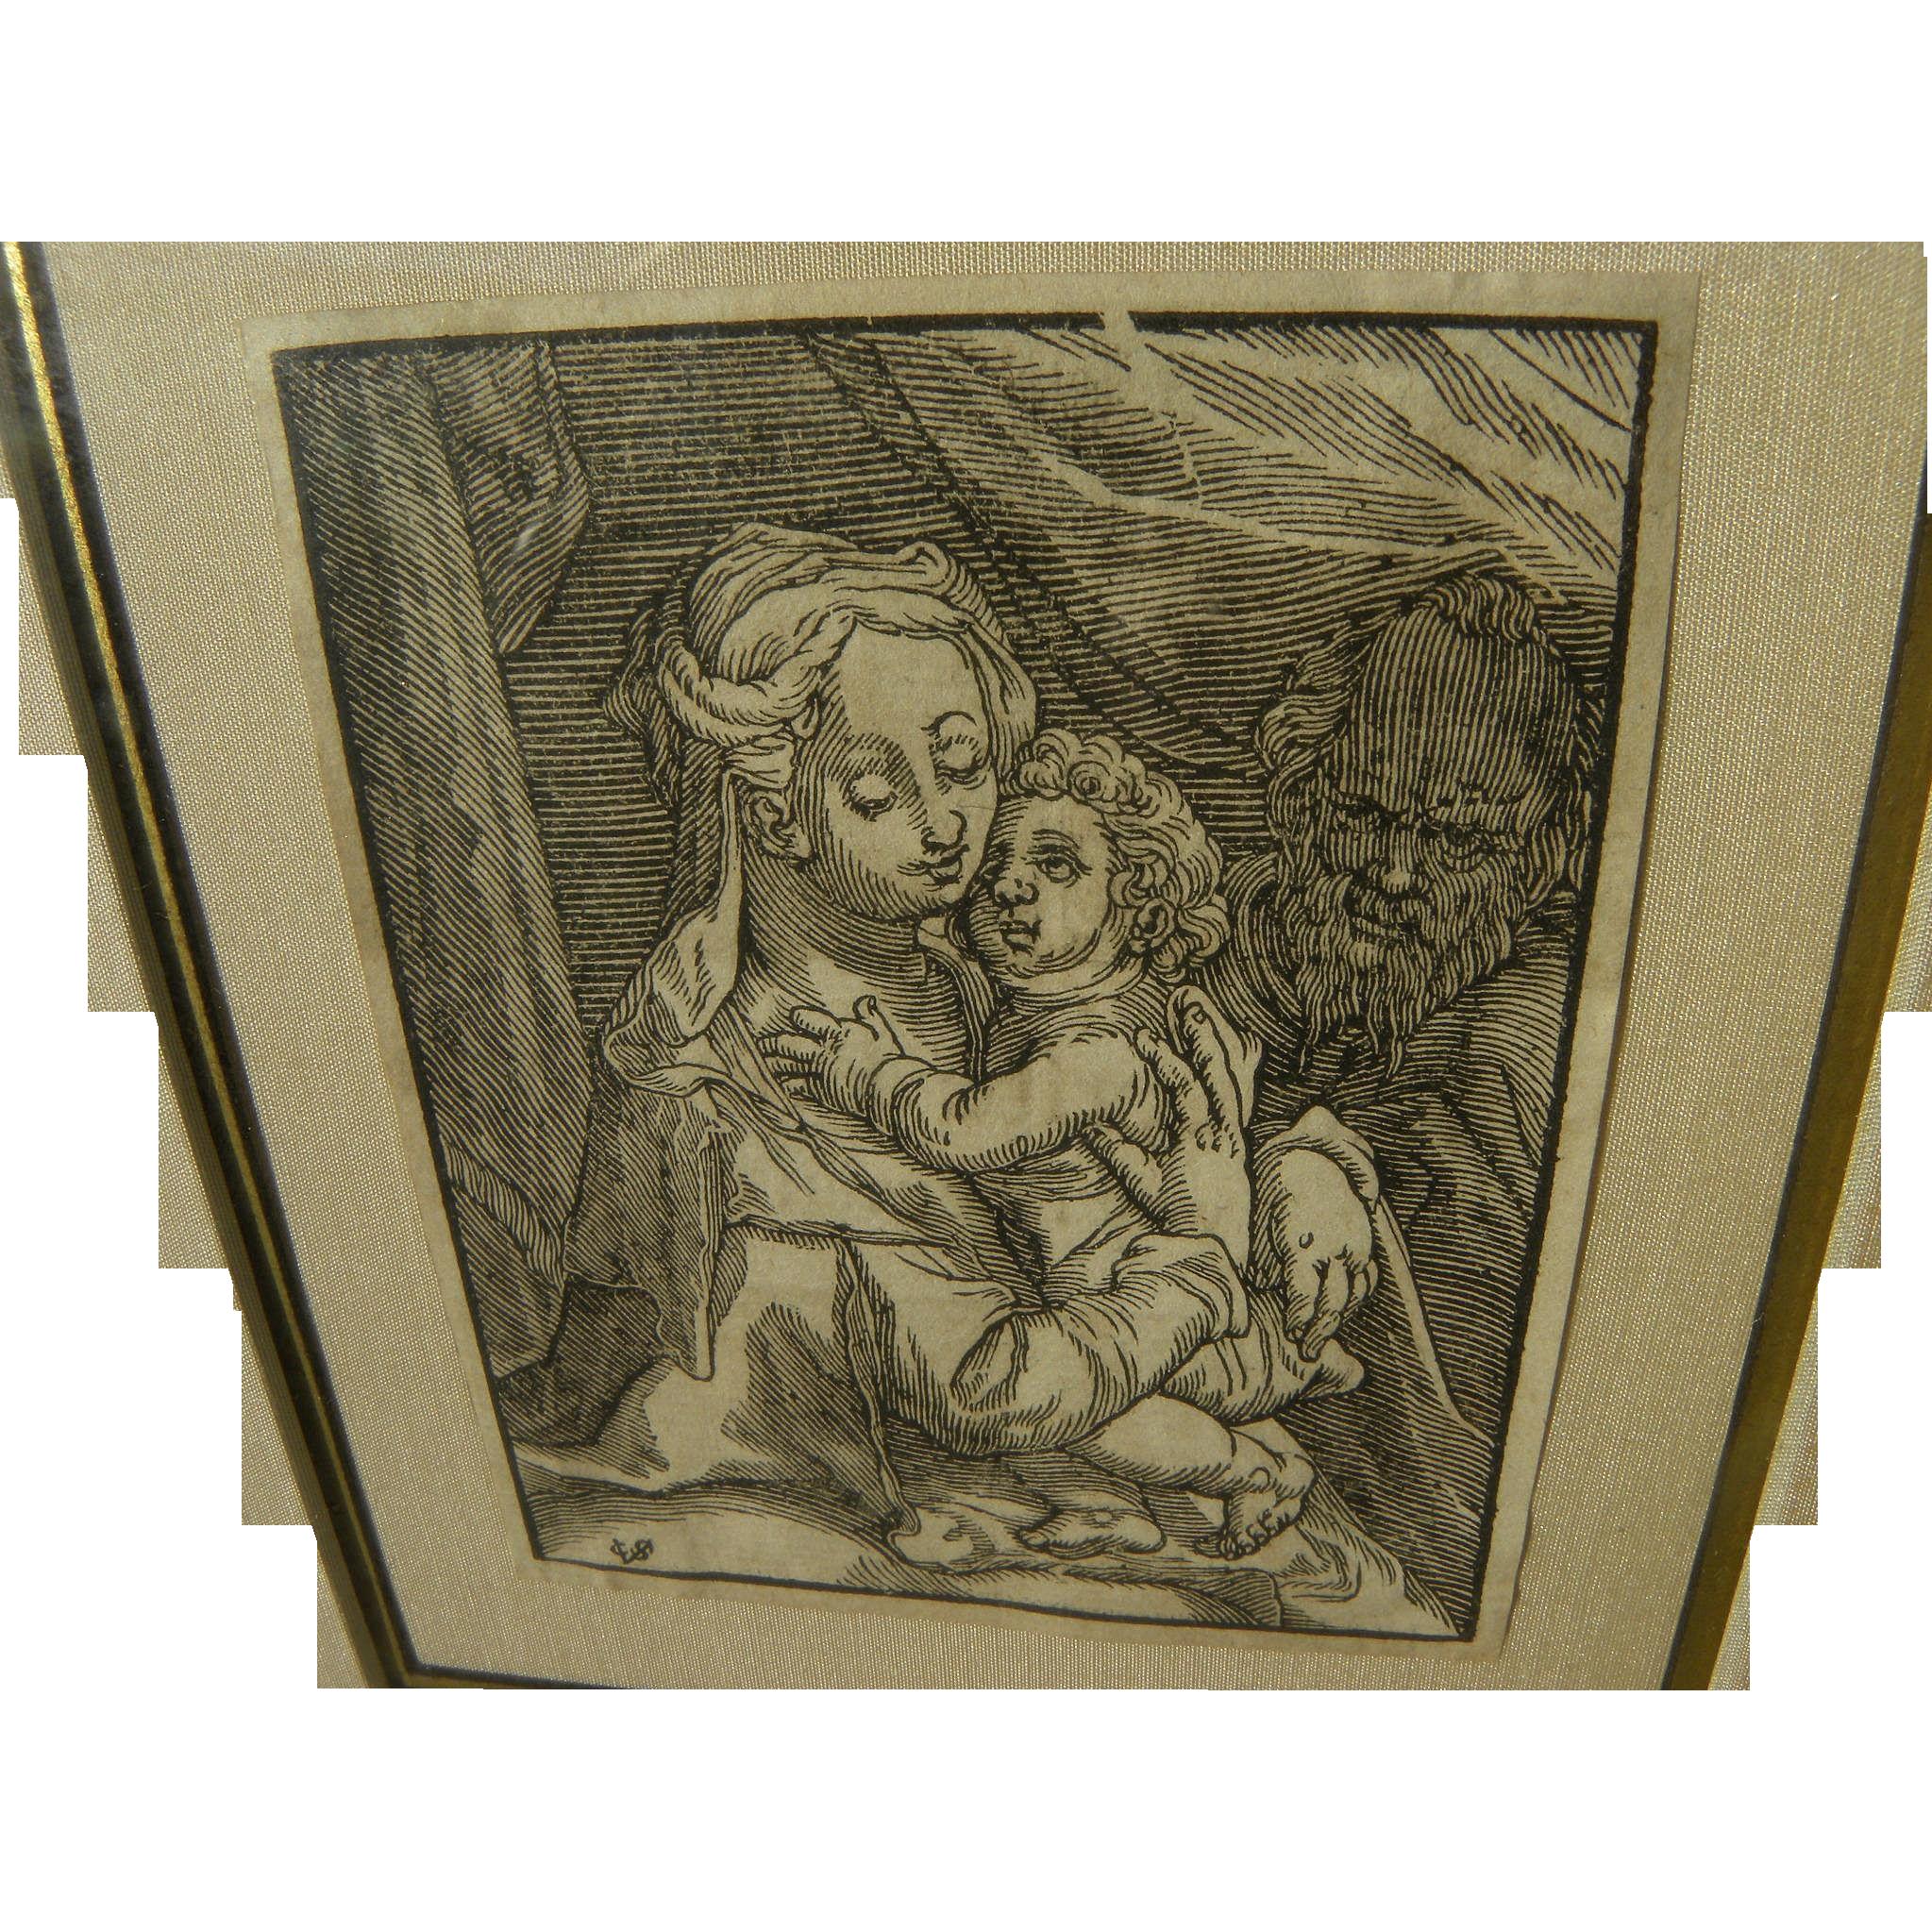 CHRISTOFFEL VAN SICHEM (1546-1624) Old Master woodblock print of Madonna and Child after Albrecht Durer